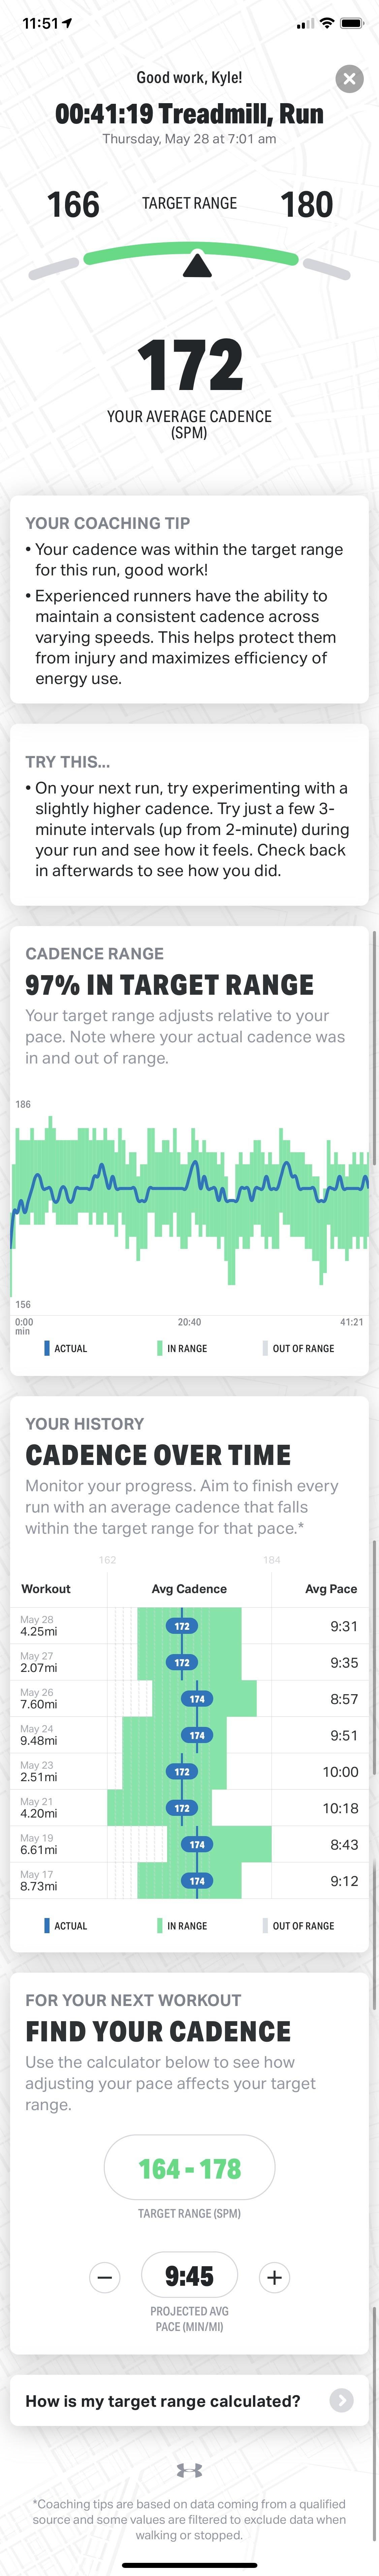 Cadence_Range.JPEG